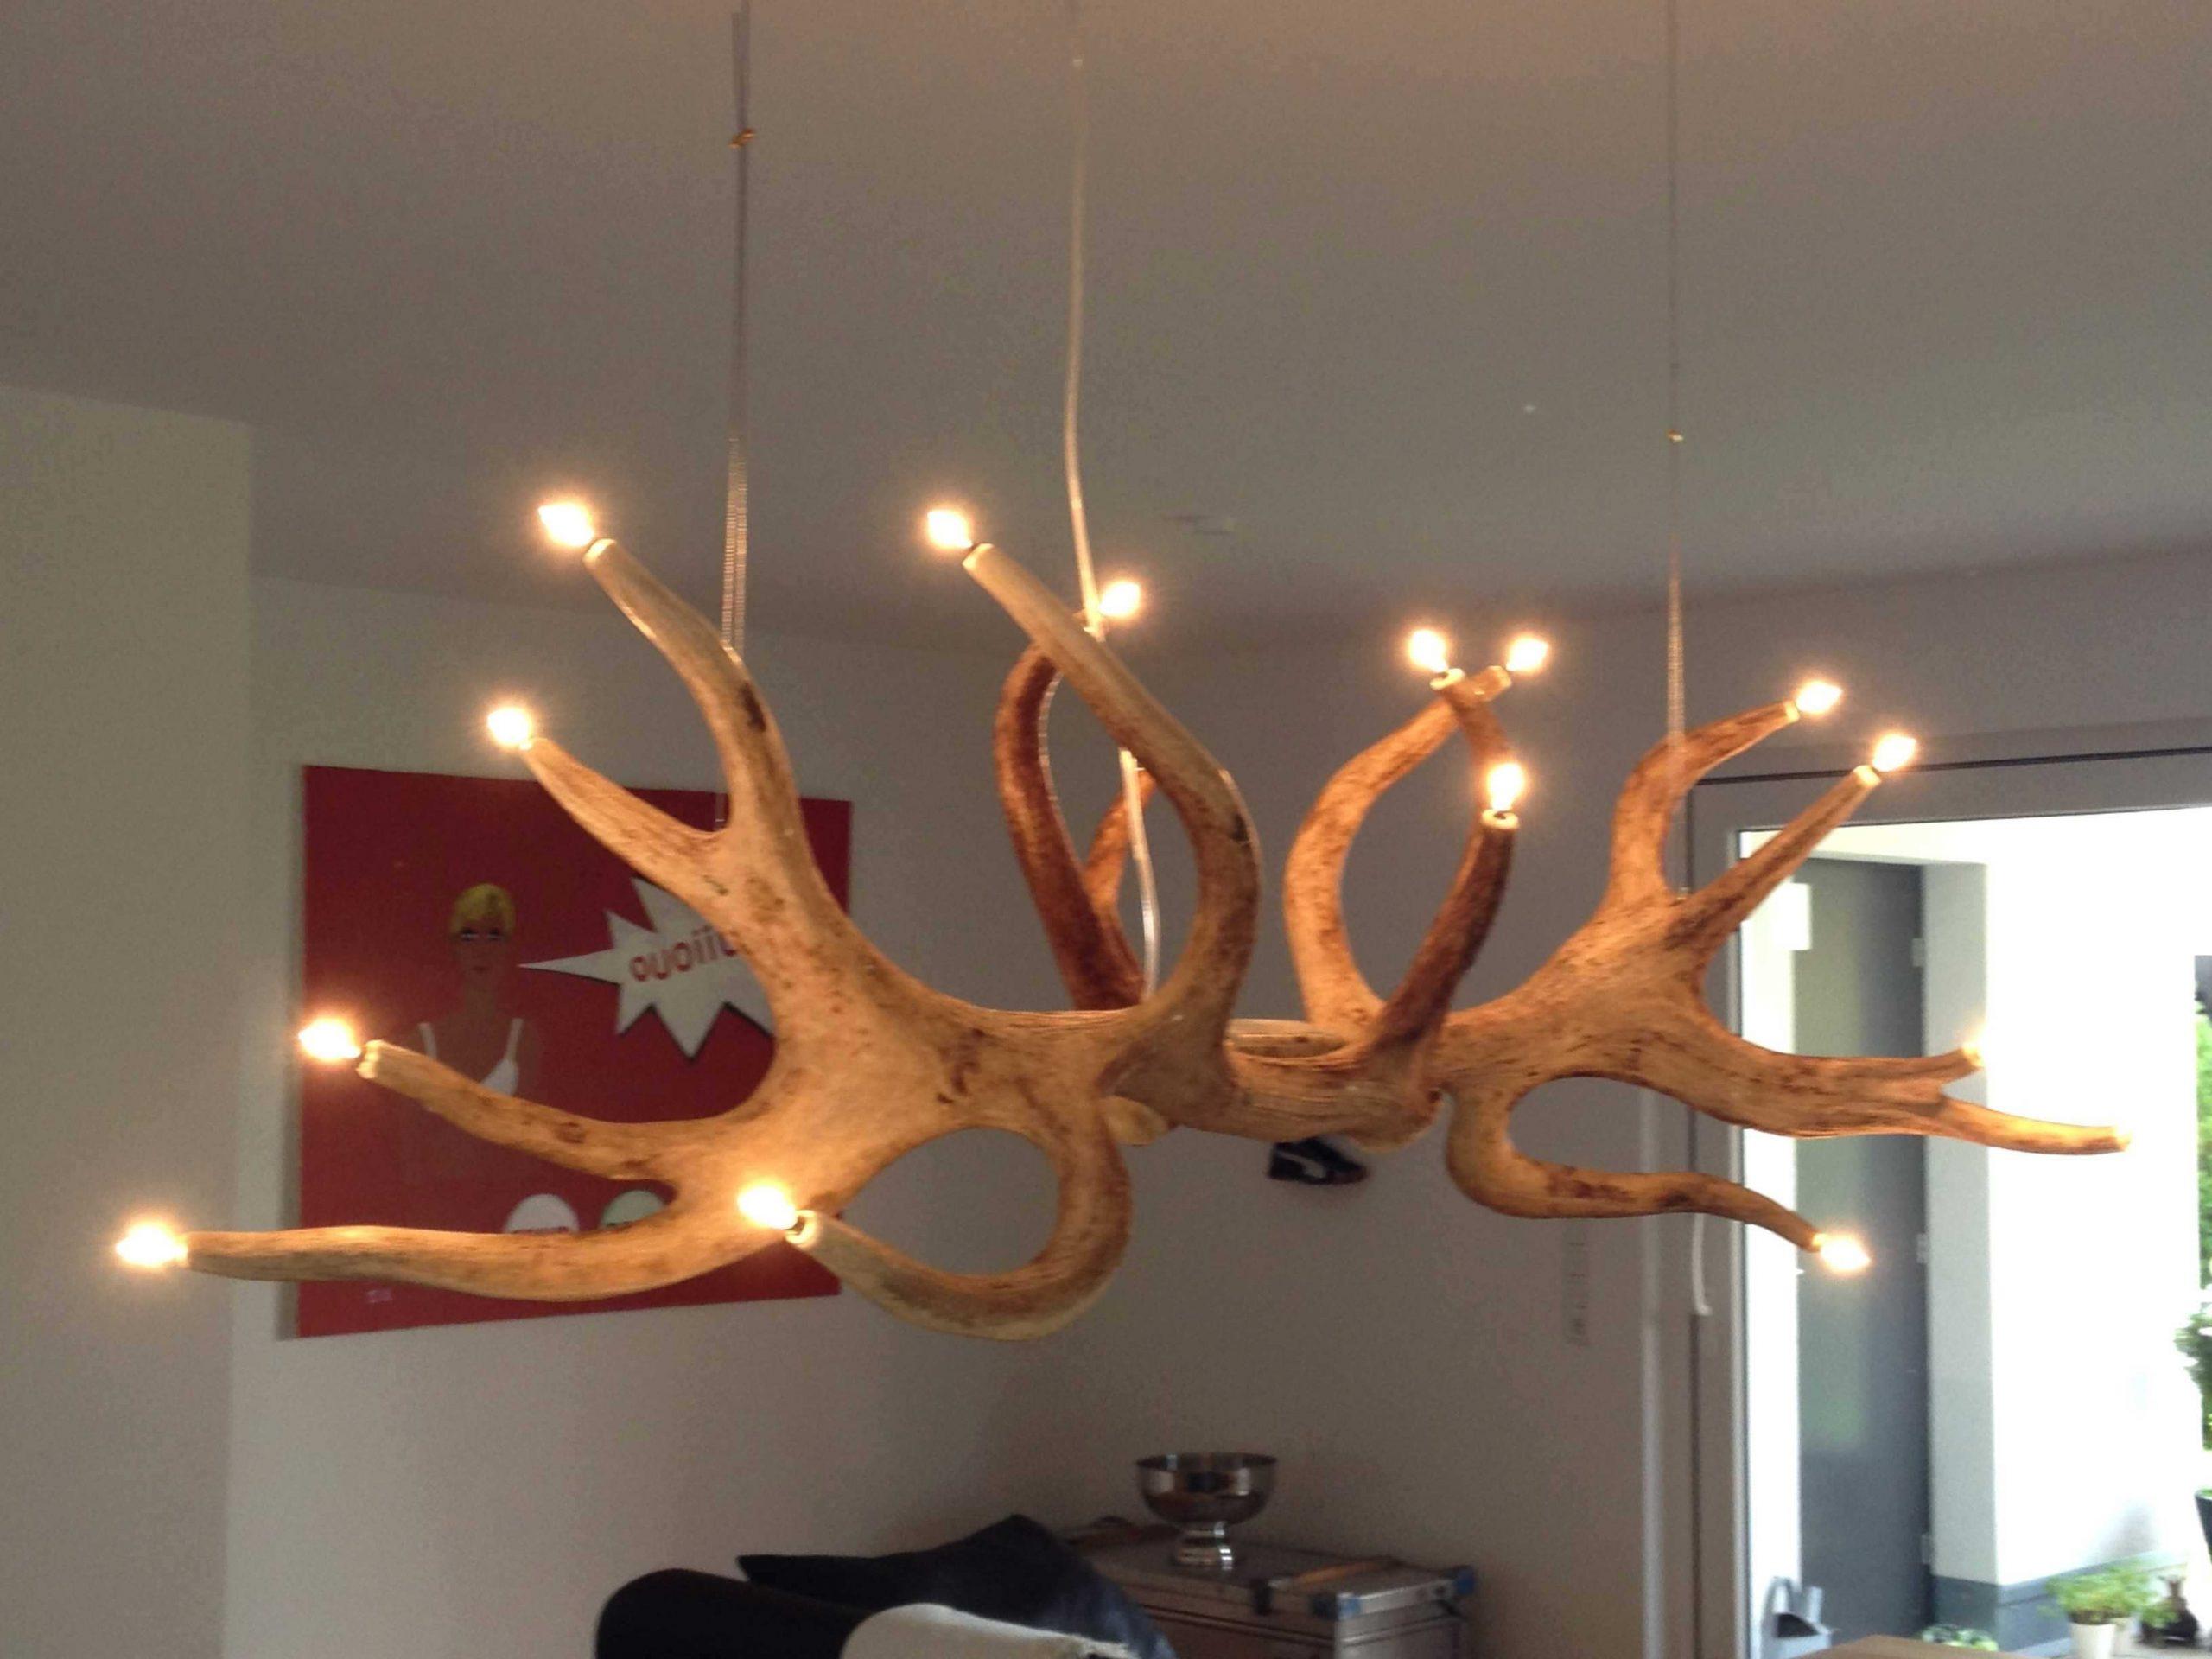 Full Size of Holzlampe Decke Lampe Selber Bauen Einzigartig Garten Licht Led Lampen Wohnzimmer Schlafzimmer Deckenlampe Küche Deckenleuchte Deckenleuchten Bad Deckenlampen Wohnzimmer Holzlampe Decke